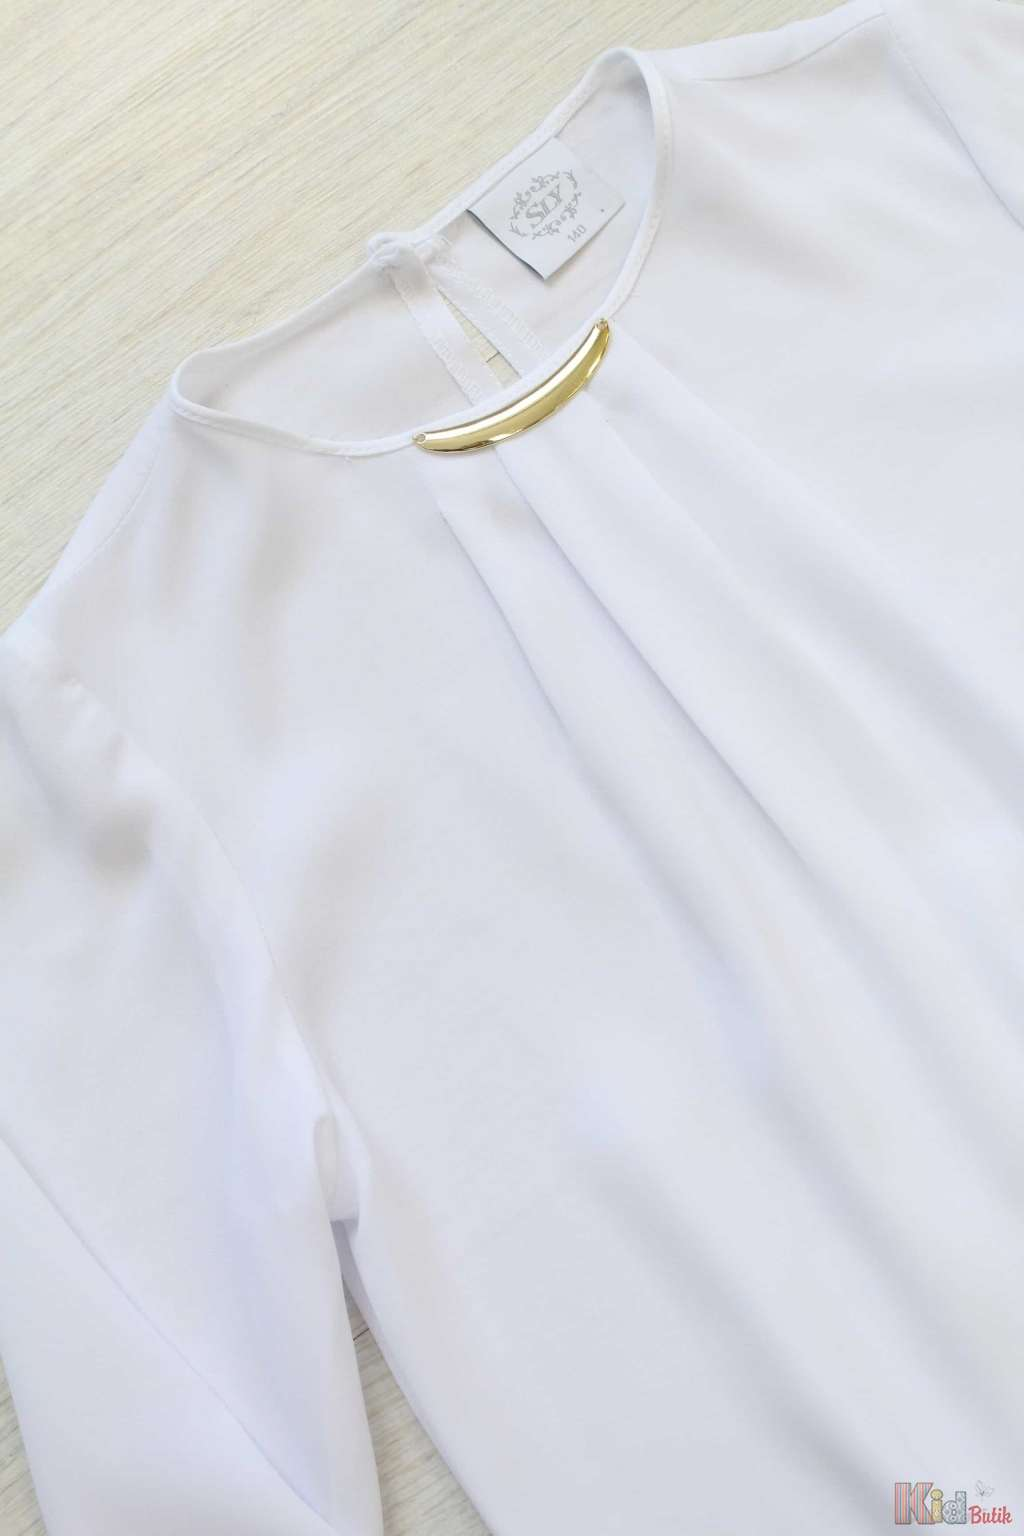 729aeb31f43 ... Блузка школьная на резинке с длинным рукавом Sly S17-9(106 S) ...